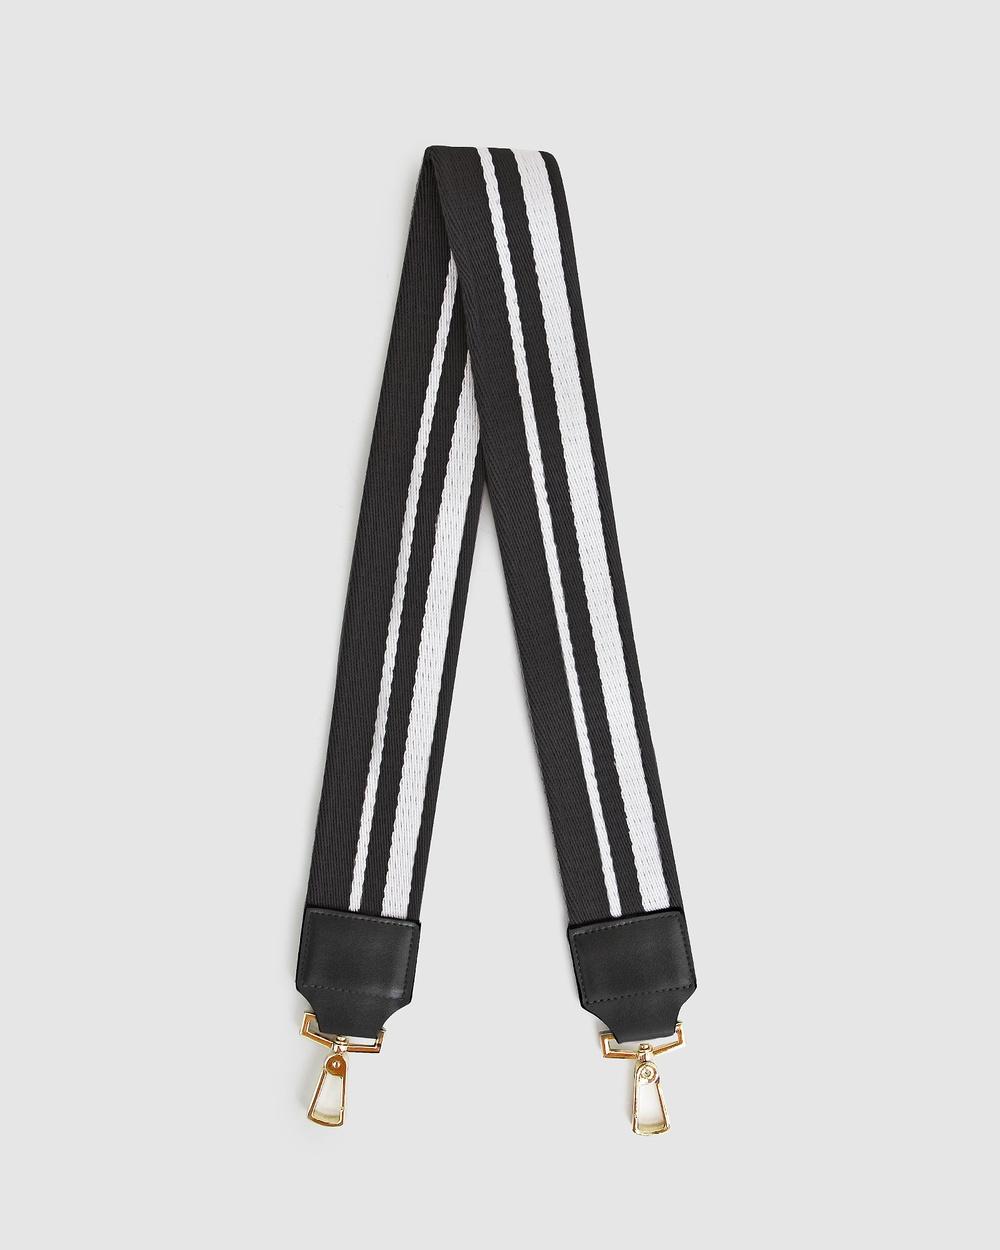 Belle & Bloom Classic Shoulder Strap Handbags Black